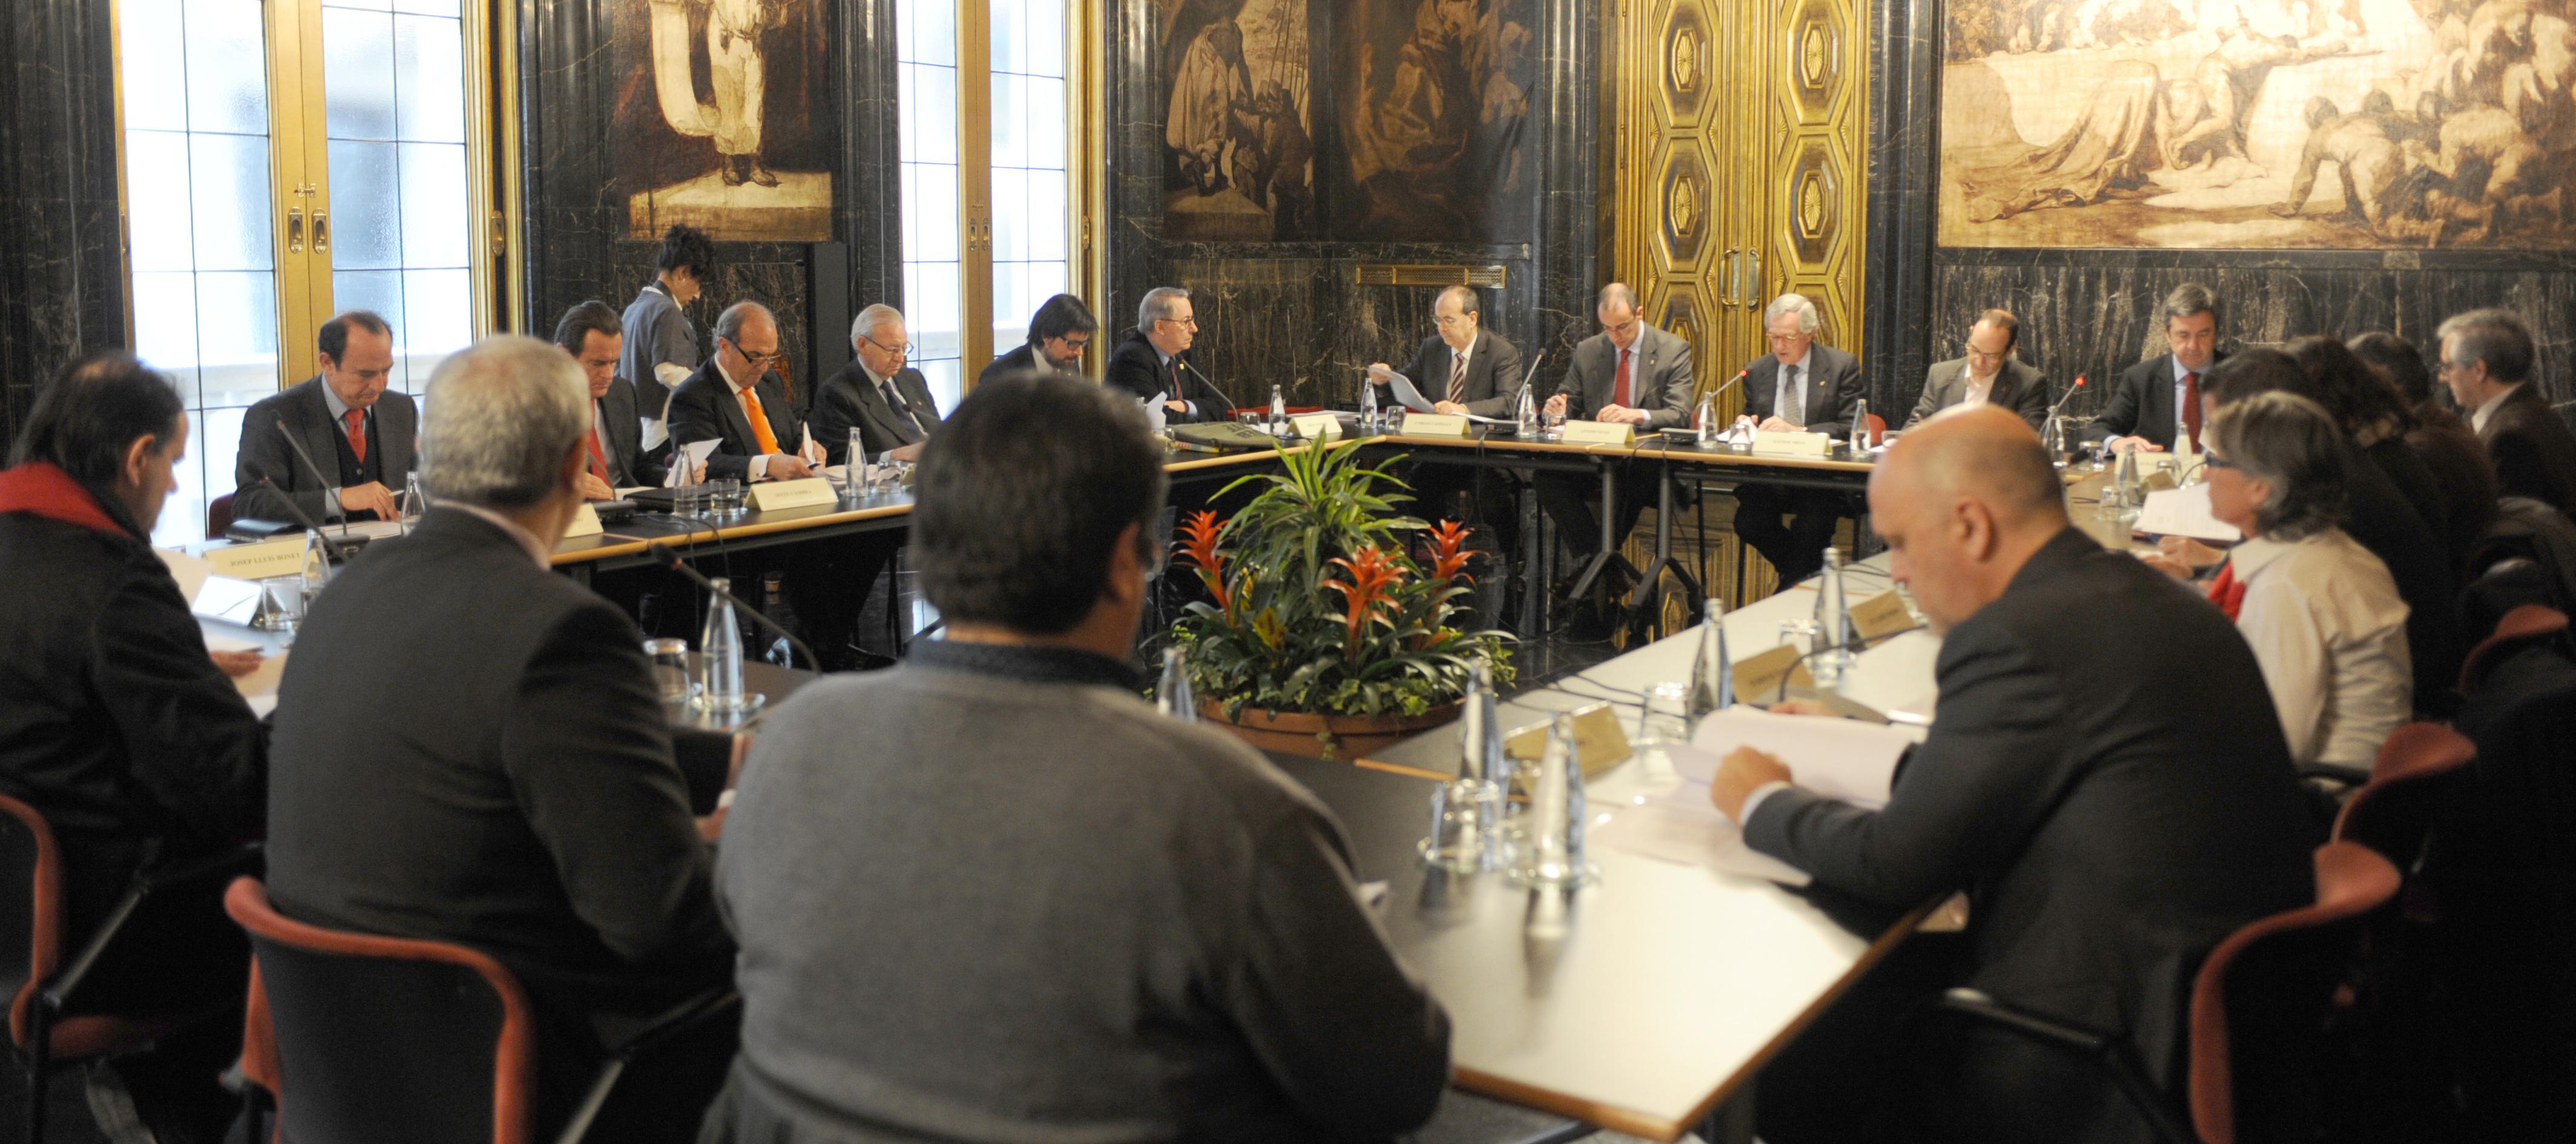 Consejo Rector, 26 de enero 2015, Ayuntamiento de Barcelona